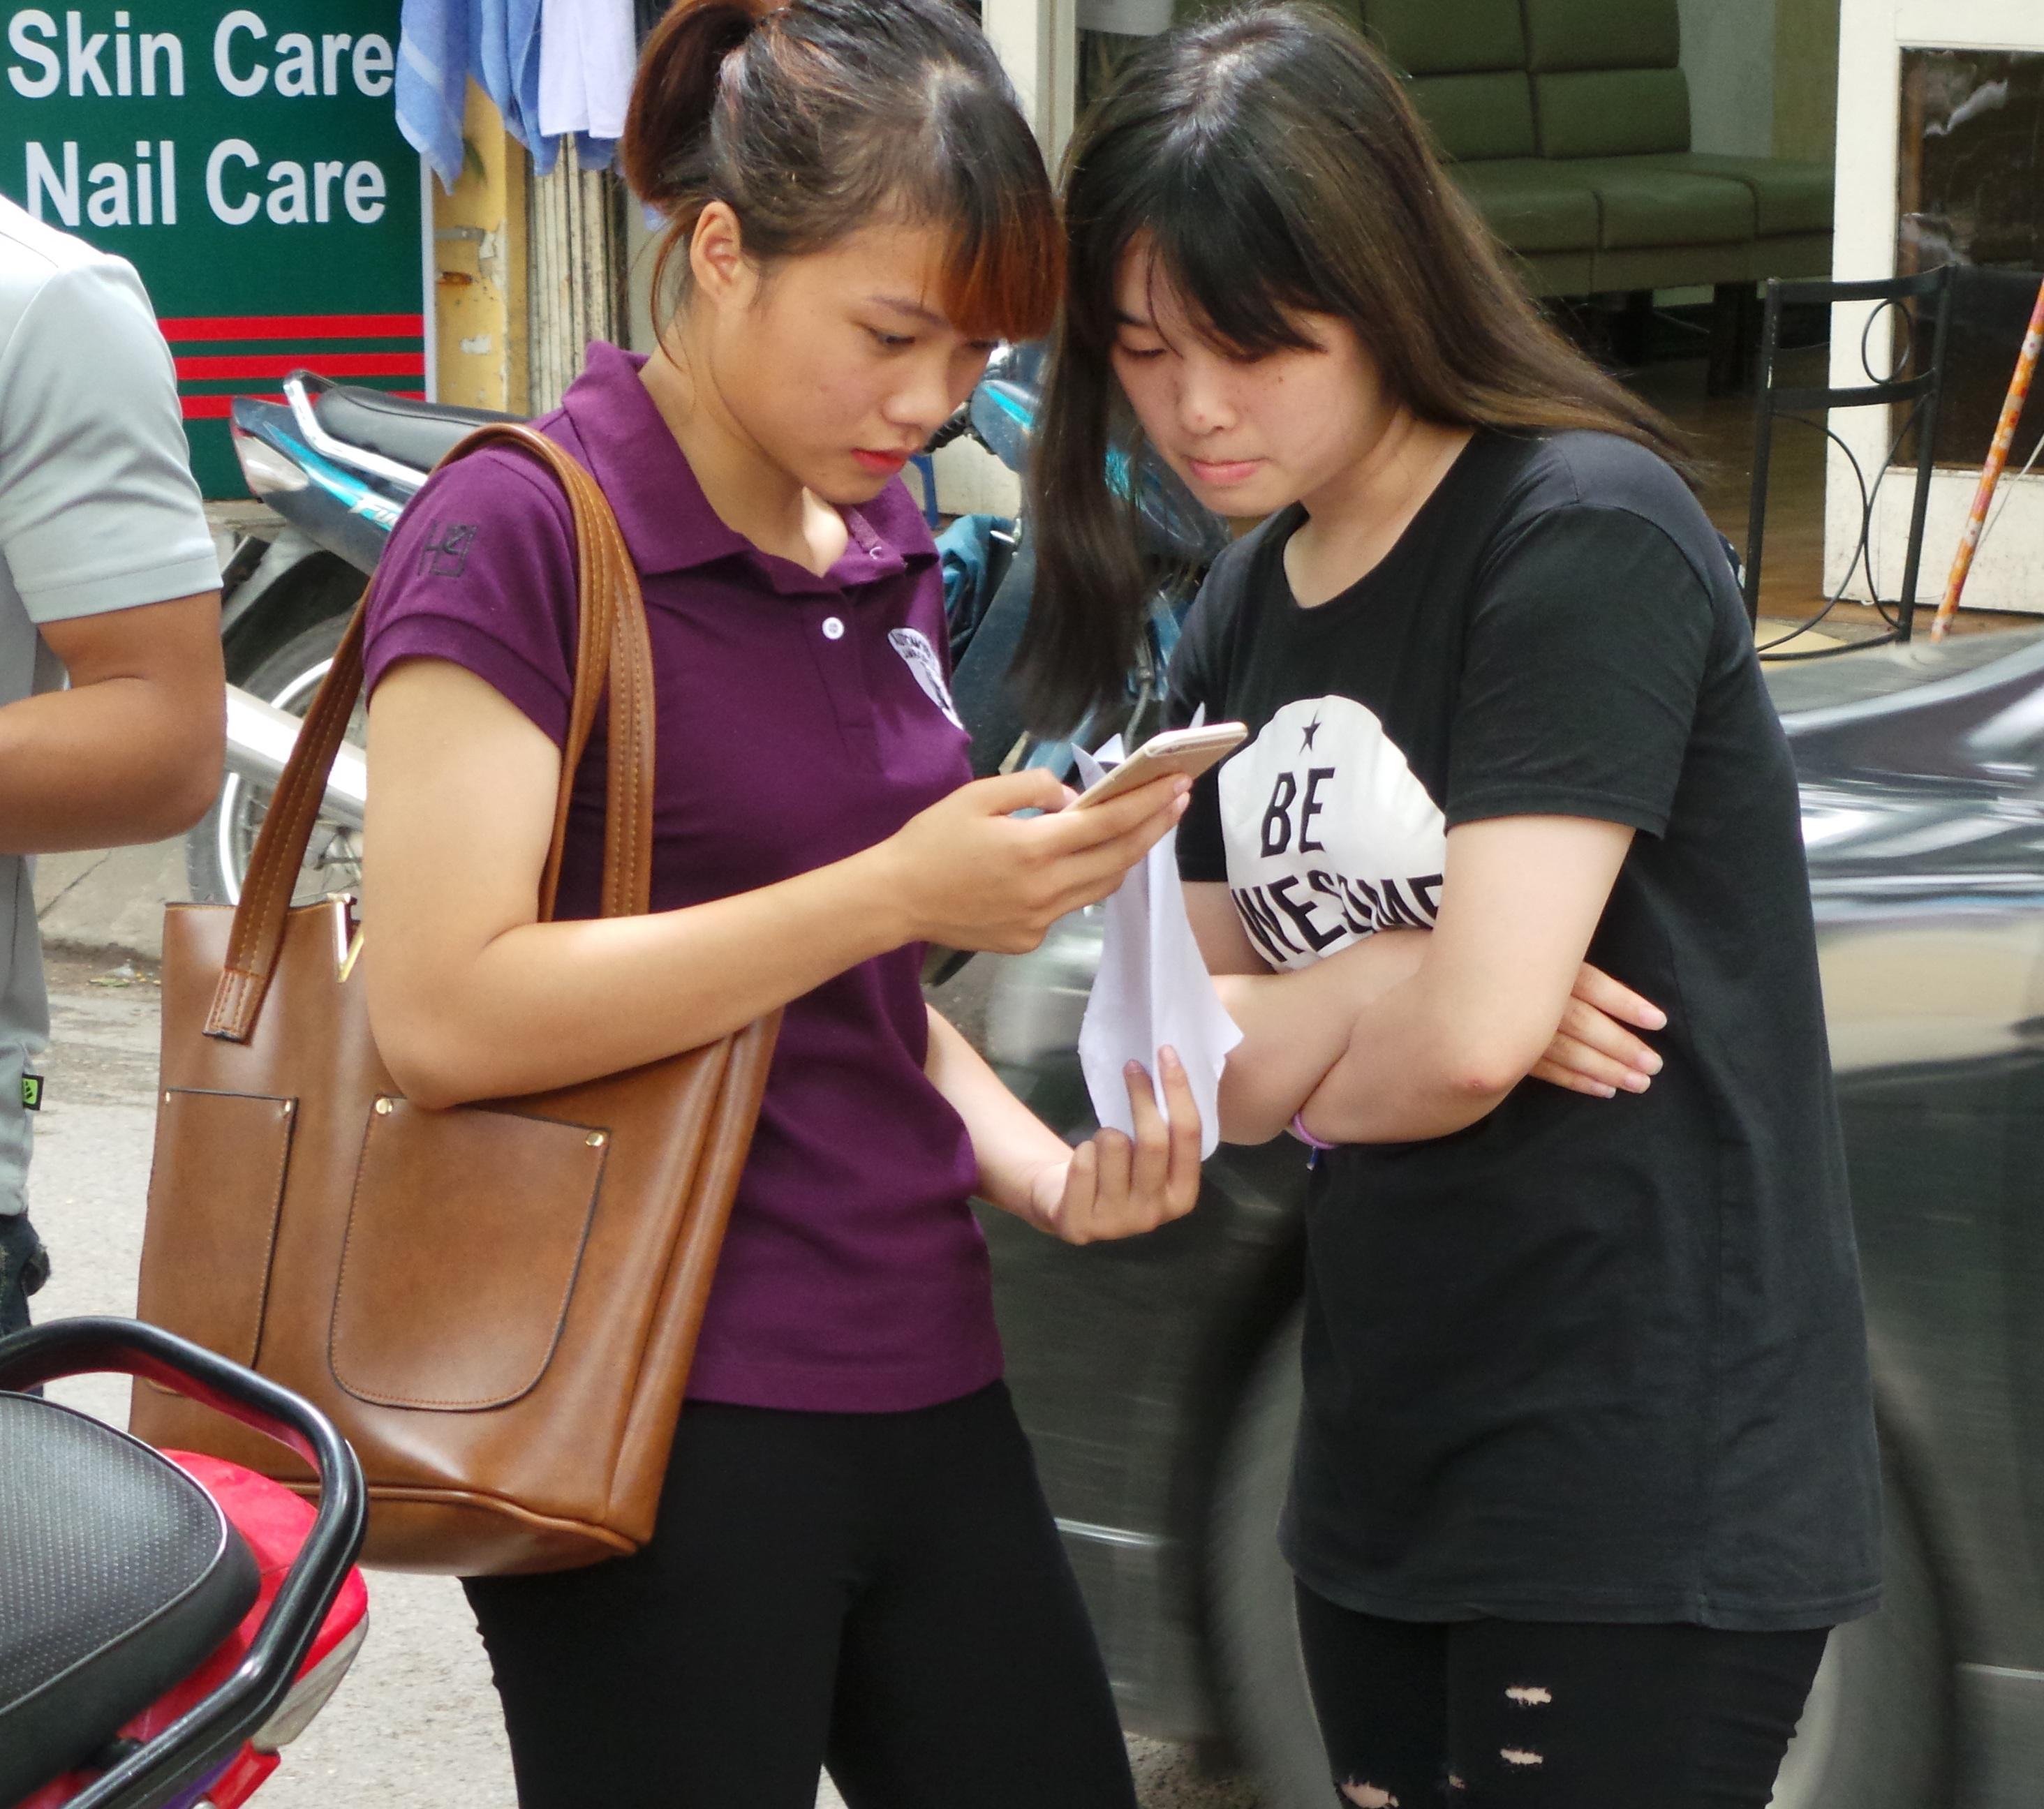 Thí sinh thi THPT quốc gia tại Hà Nội năm 2016